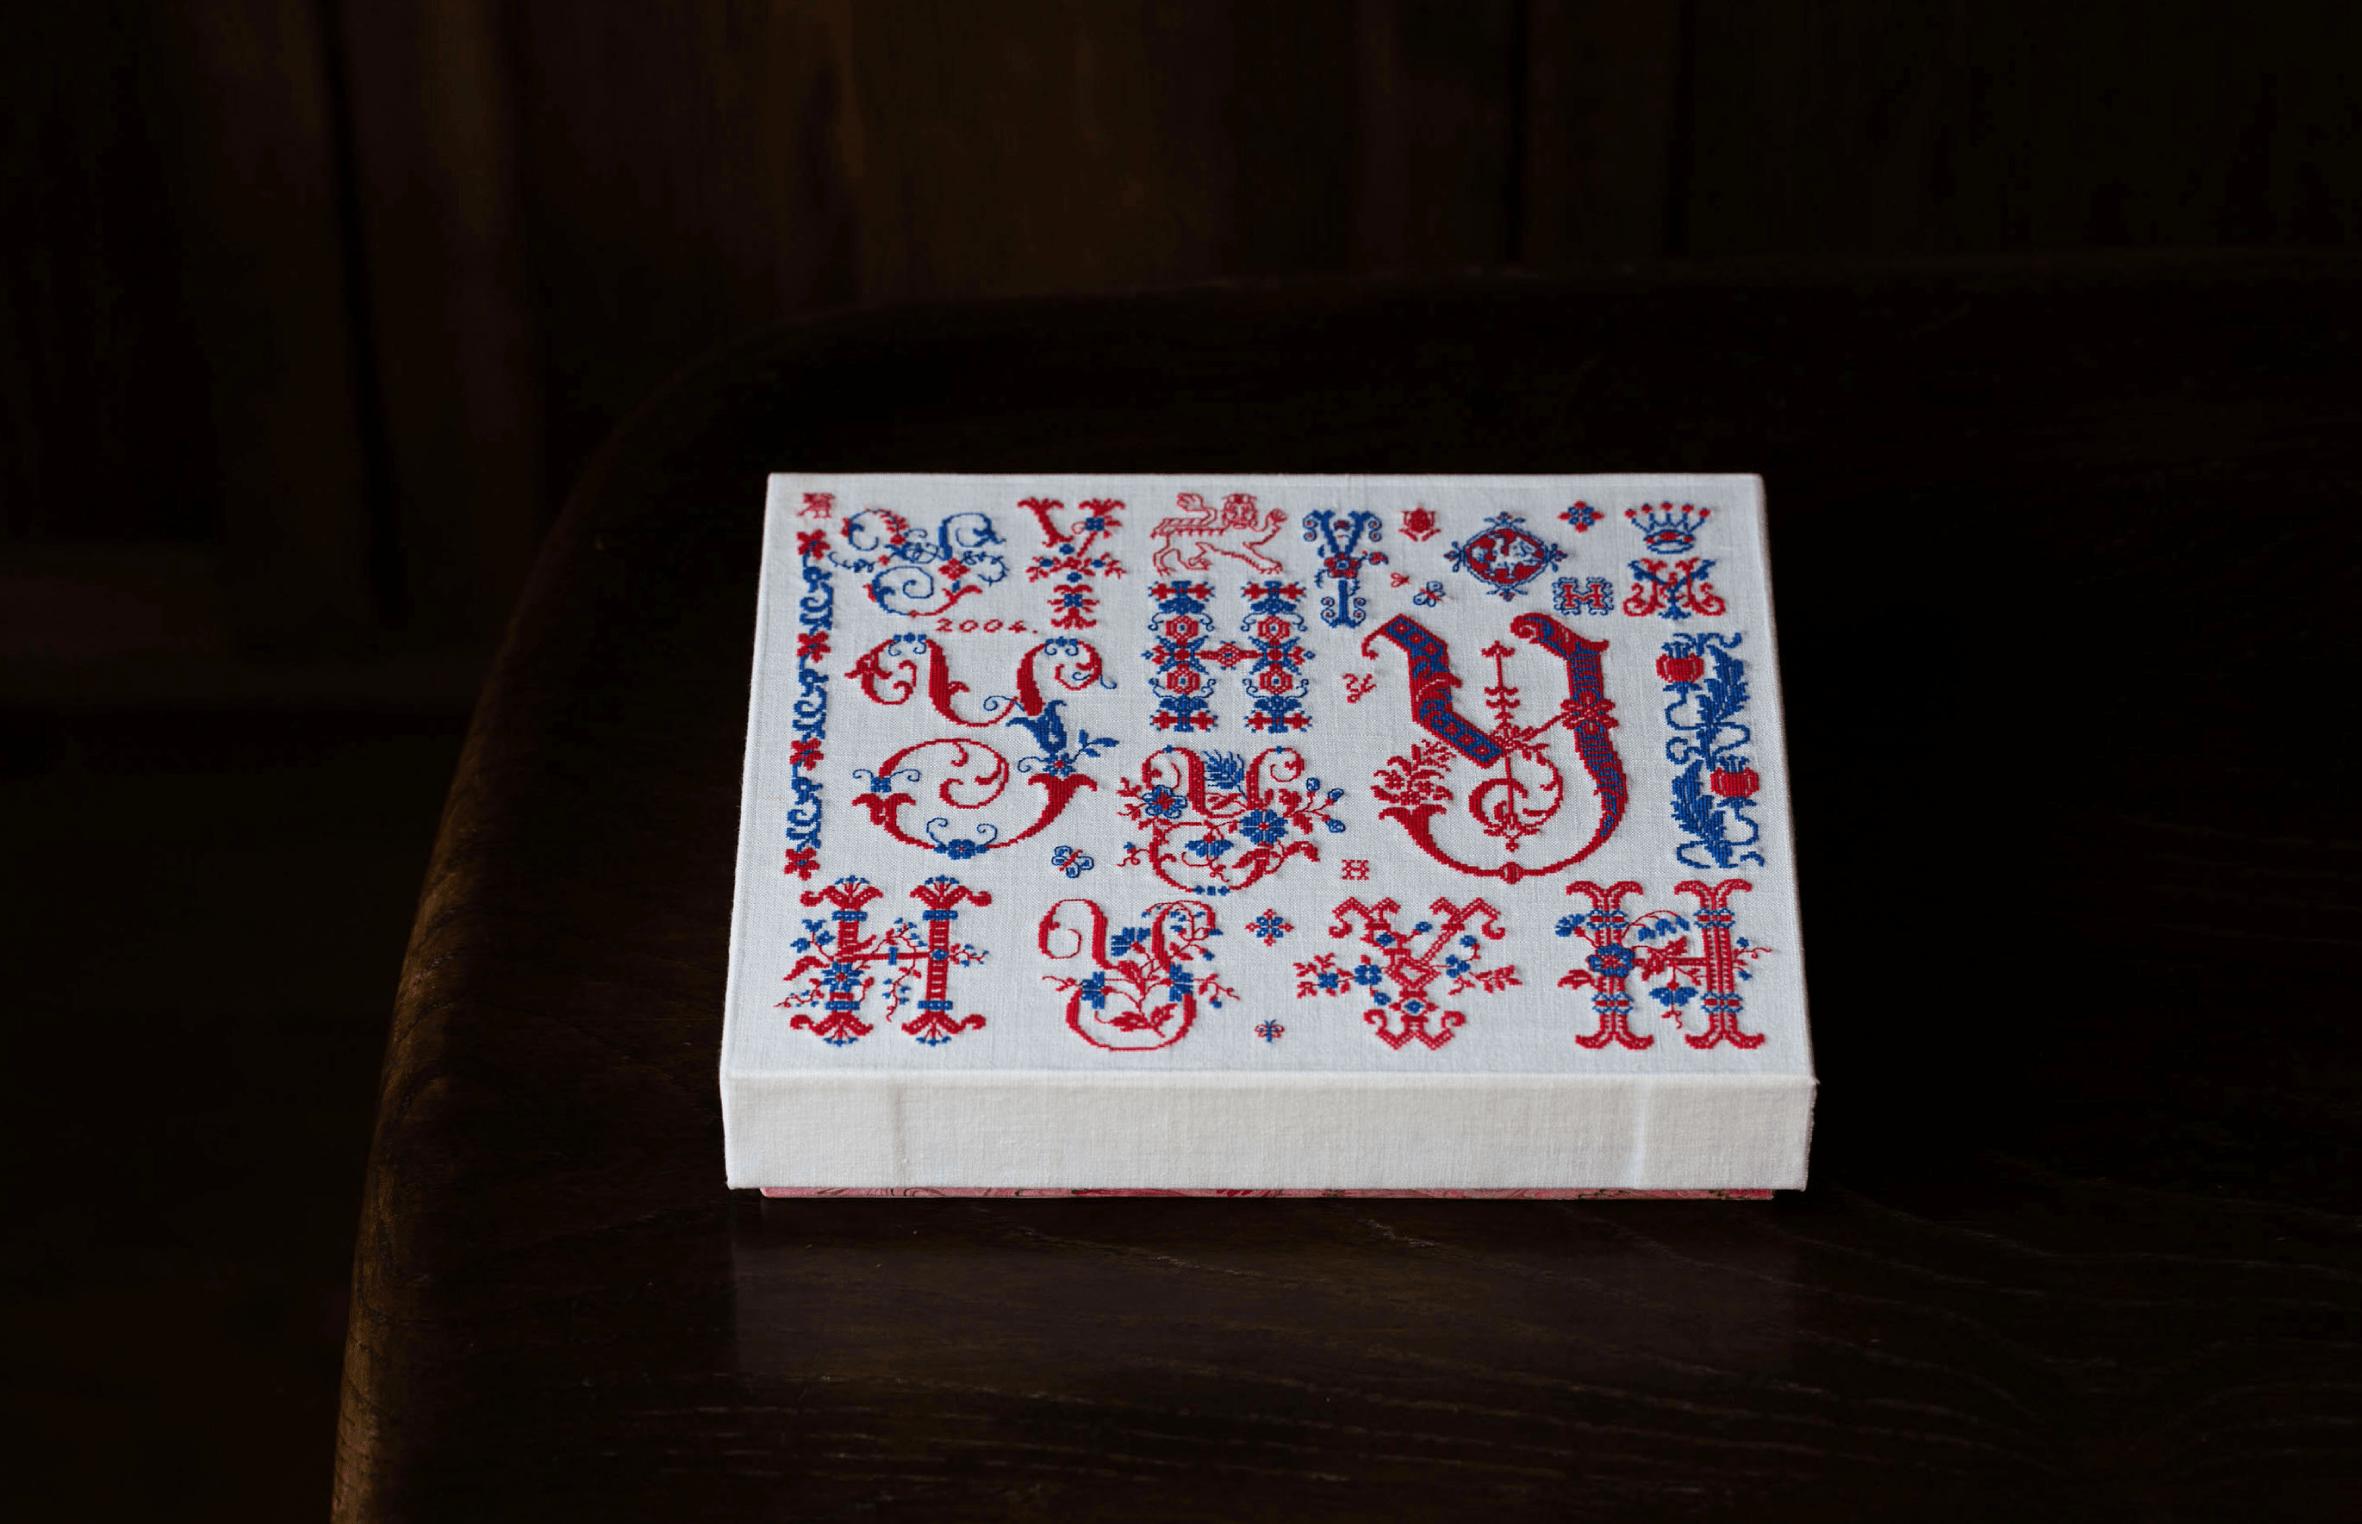 クロスステッチしたアルファベット文字の箱